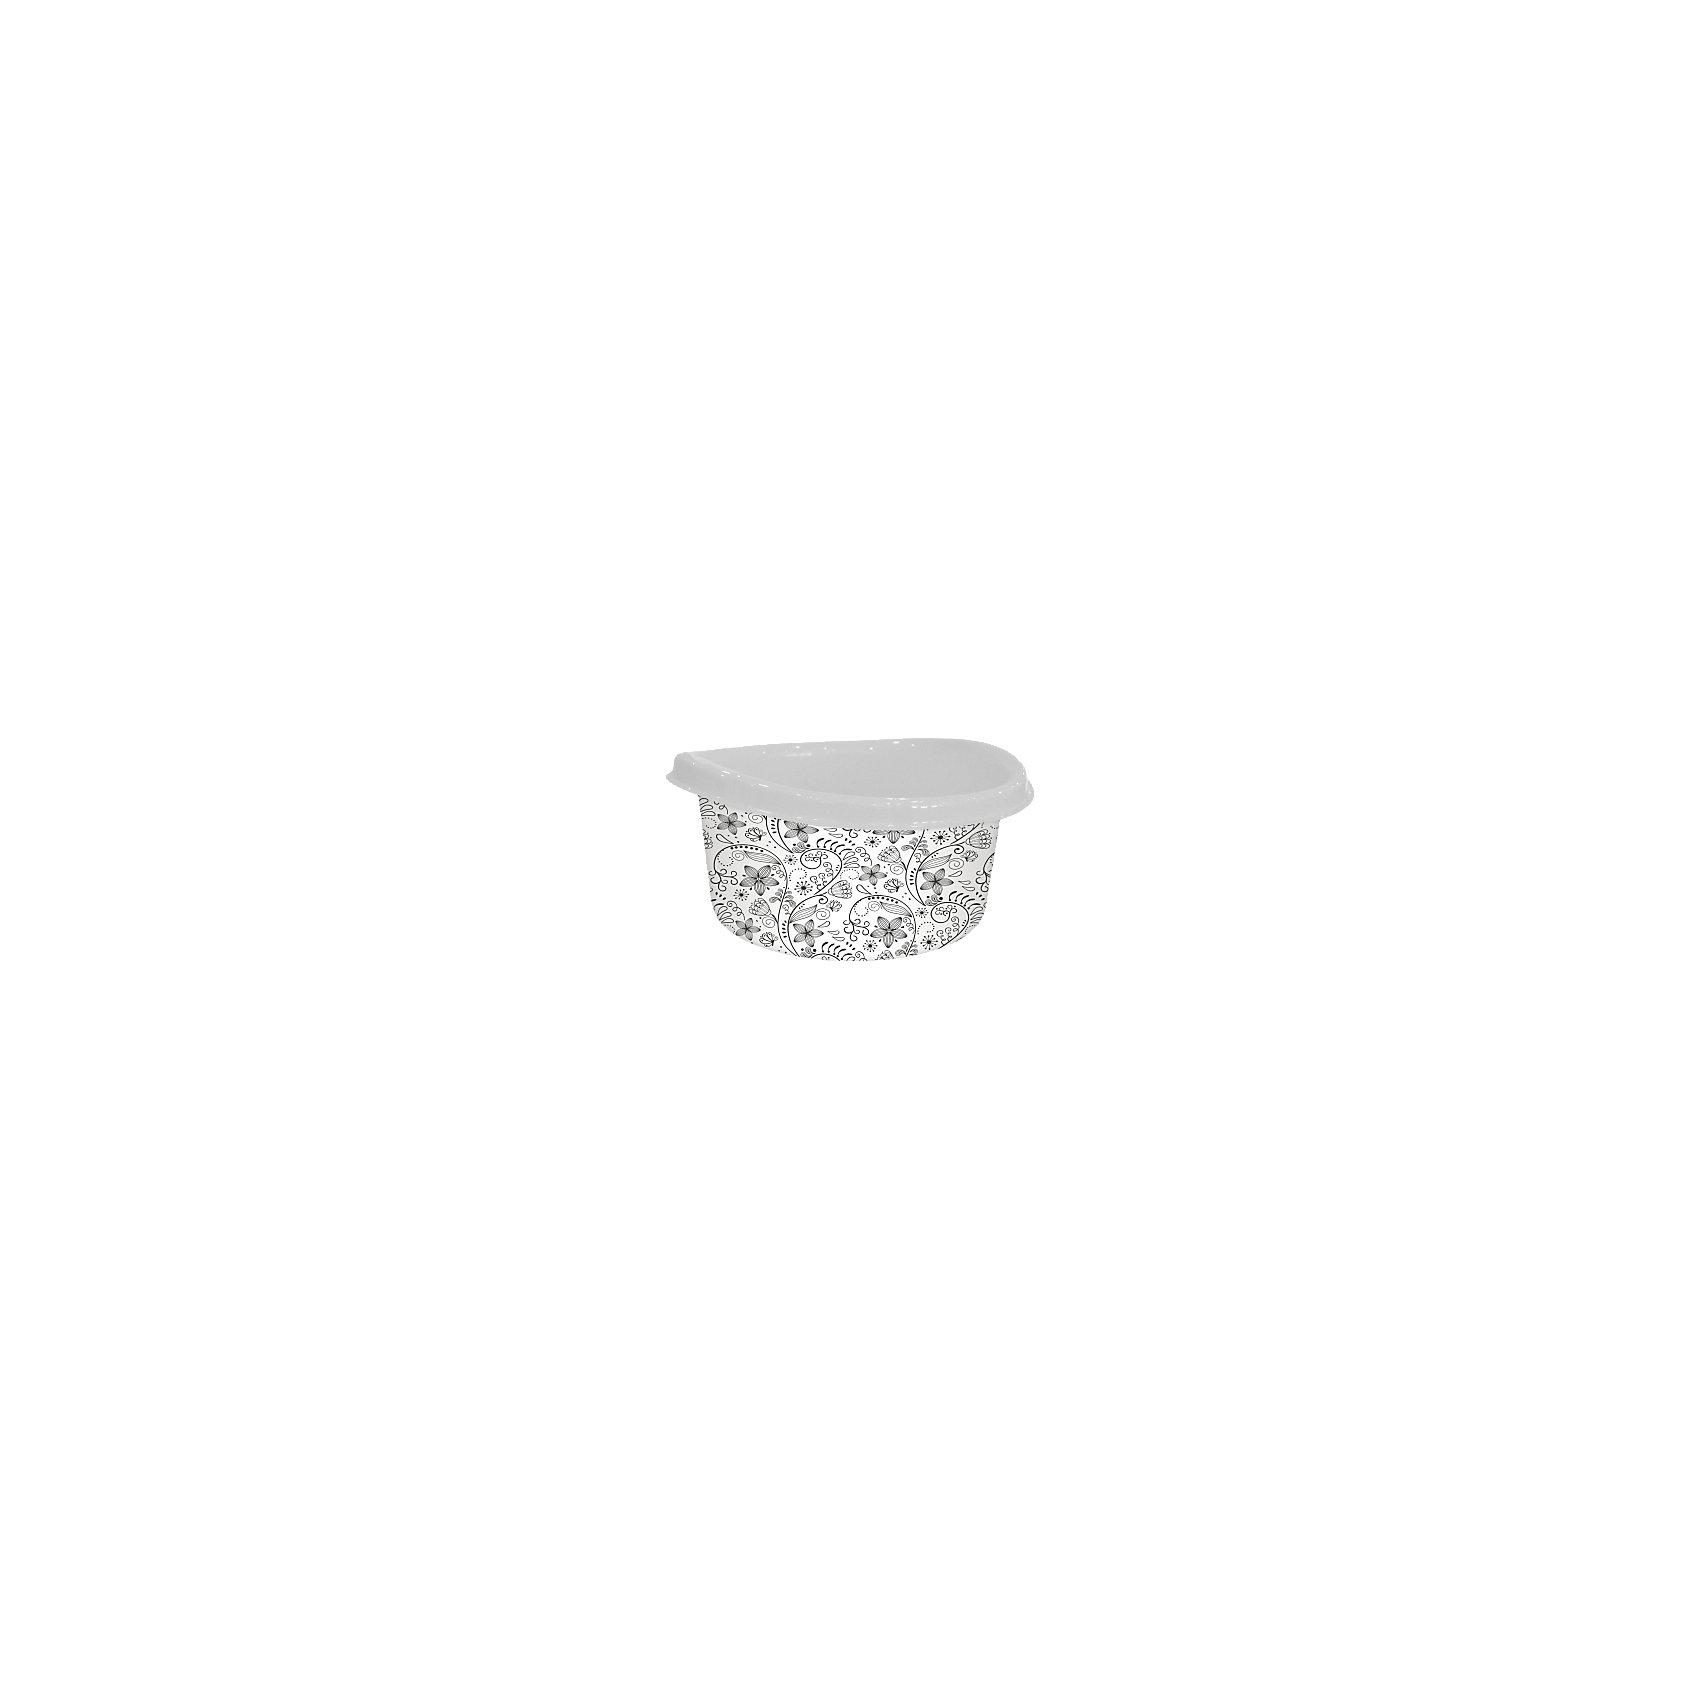 Таз круглый 12 л Ориджинал Декор кружева, SvipВанная комната<br>Таз круглый 12 л Ориджинал Декор кружева, Svip<br><br>Характеристики:<br><br>• Материал: пластик<br>• Цвет: серо-белый<br>• В комплекте: 1 штука<br>• Объем: 12 литров<br><br>Этот стильный таз округлой формы имеет объем 12 л и сделан из высококачественного пластика, который не бьется и устойчив к царапинам. Таз декорирован изображением орхидеи и может свободно использоваться в хозяйственных целях.<br><br>Таз круглый 12 л Ориджинал Декор кружева, Svip можно купить в нашем интернет-магазине.<br><br>Ширина мм: 390<br>Глубина мм: 390<br>Высота мм: 180<br>Вес г: 391<br>Возраст от месяцев: 216<br>Возраст до месяцев: 1188<br>Пол: Унисекс<br>Возраст: Детский<br>SKU: 5545664